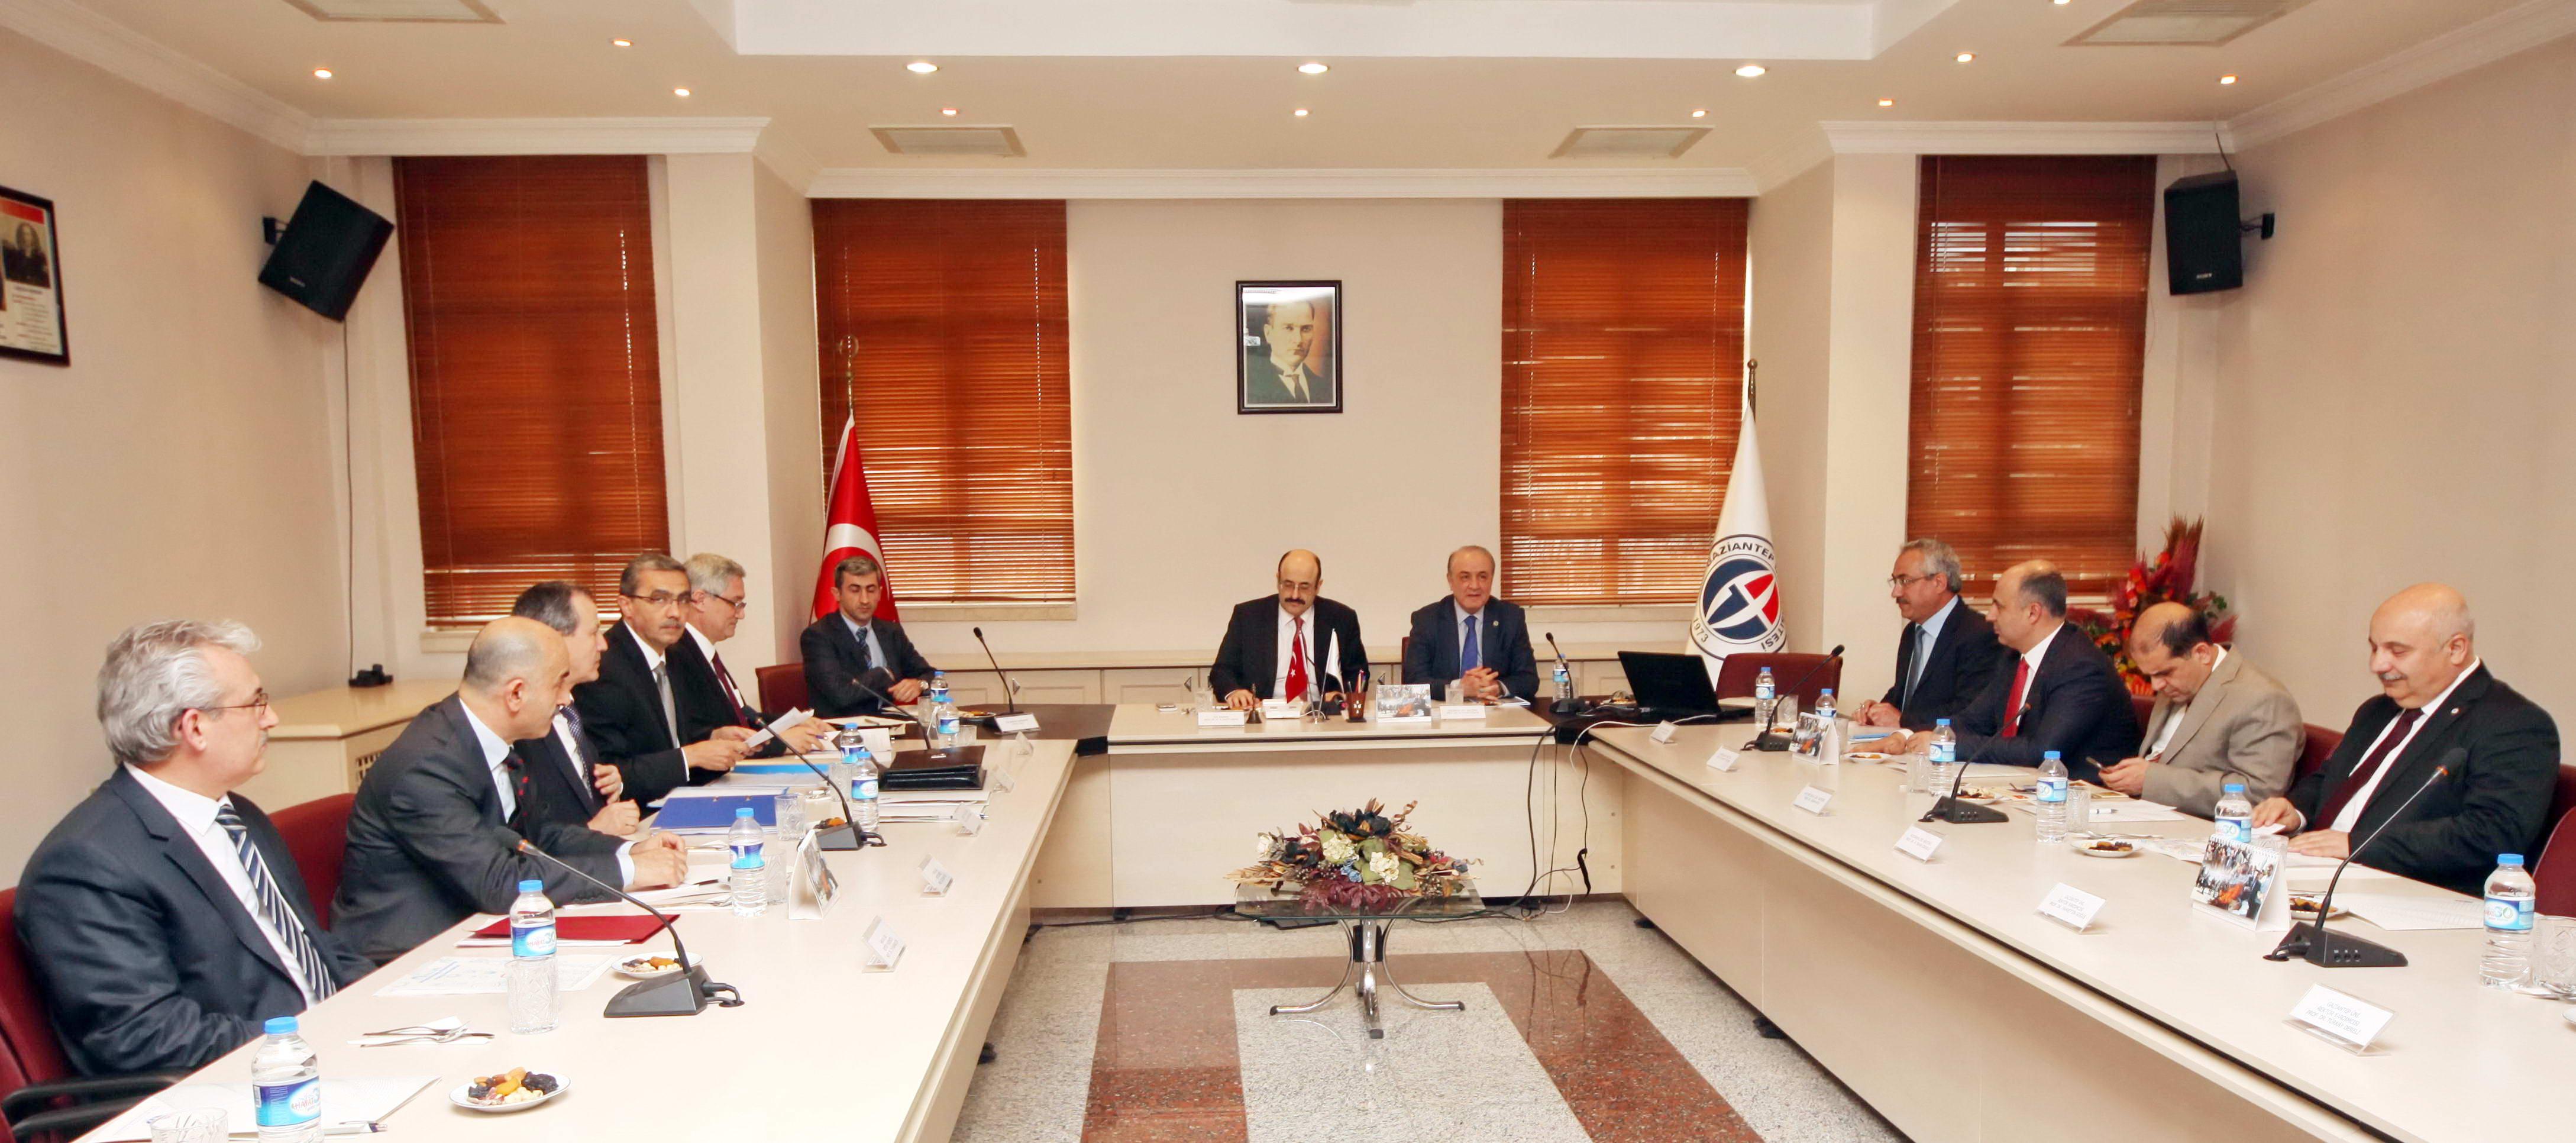 YÖK Başkanı Saraç Gaziantep Üniversitesi Türkiye'nin tarihi sorumluluğunu ifa etmede büyük bir misyon üstlendi (2)